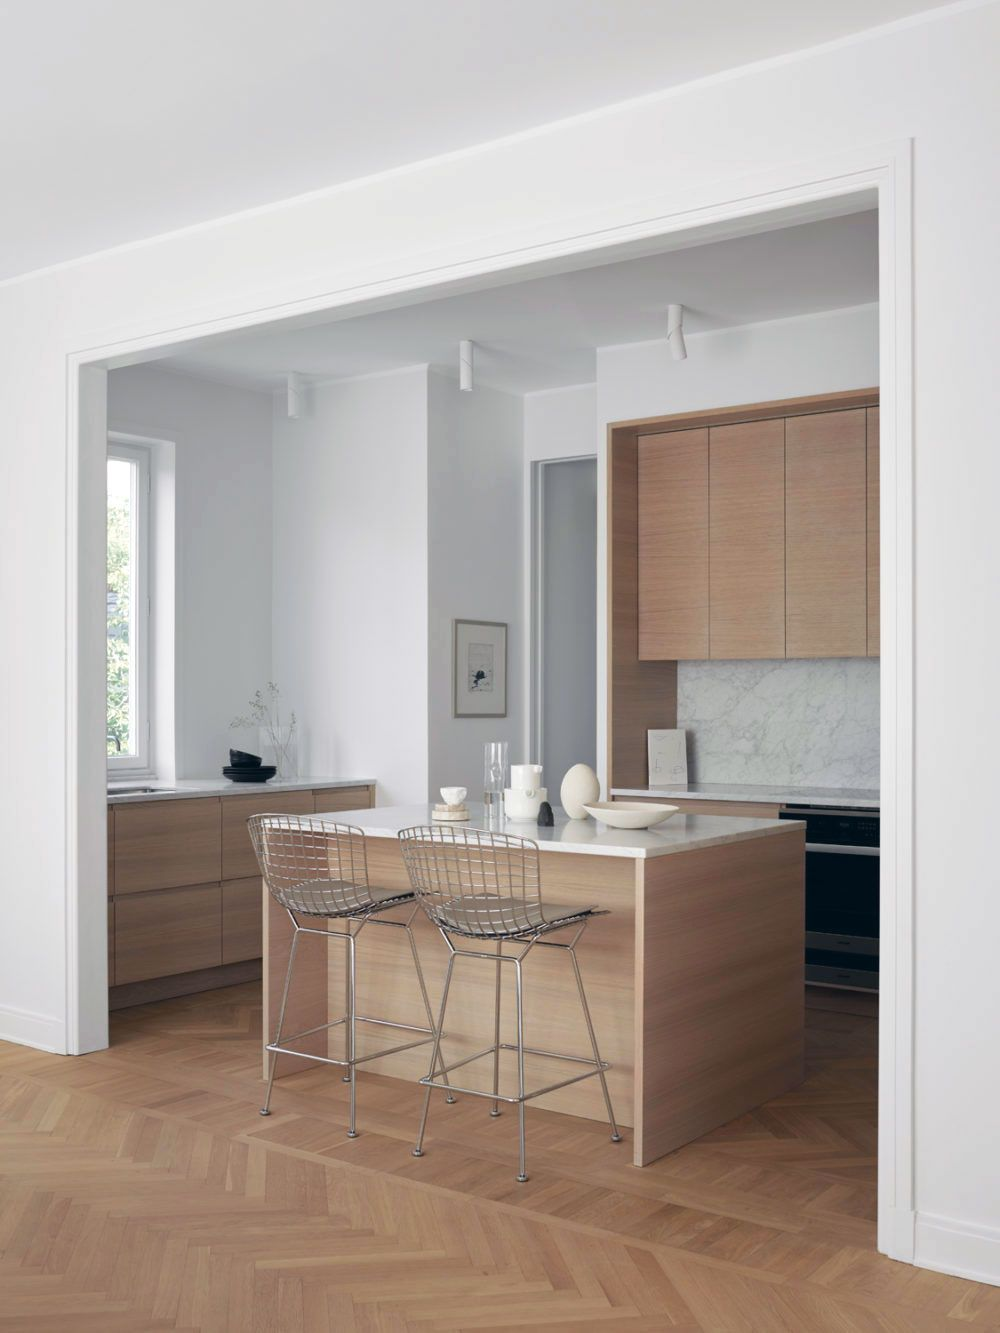 51 Comfy Wood Scandinavian Kitchen Ideas That Popular Today In 2020 Scandinavian Kitchen Timber Kitchen Kitchen Design